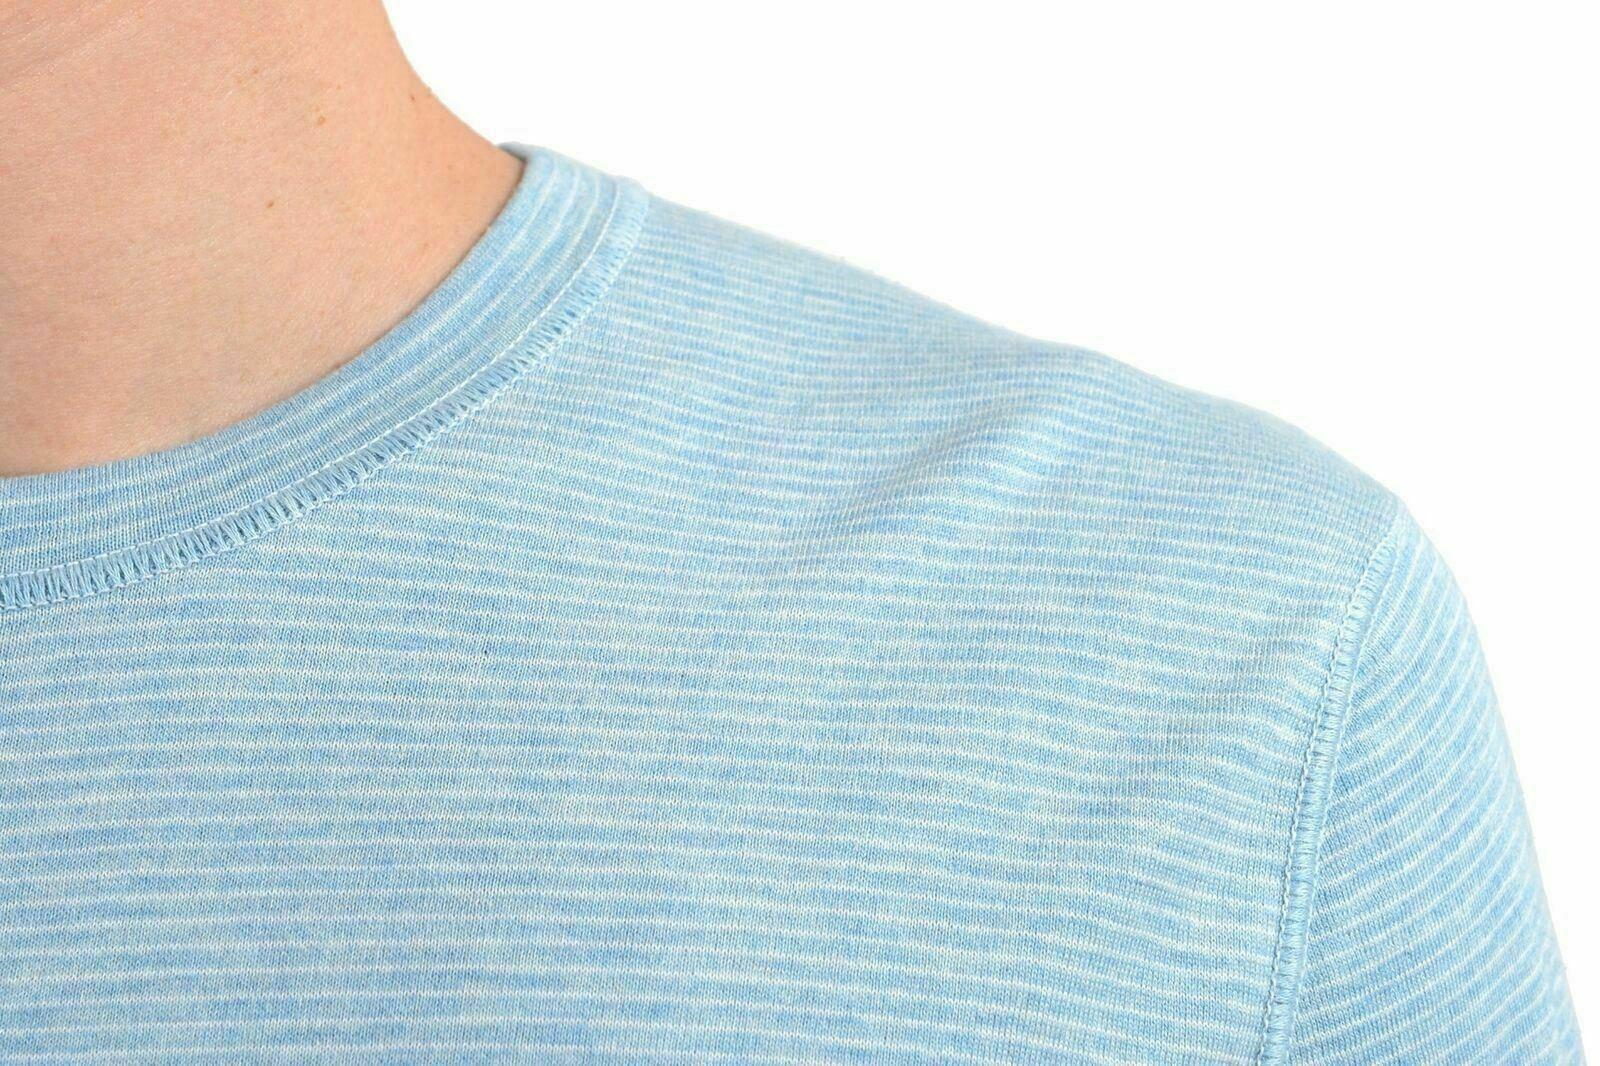 Kiton Napoli Uomo Cashmere Manica Corta Corta Corta collo Tondo Camicia Casual USA XXL It 503be4